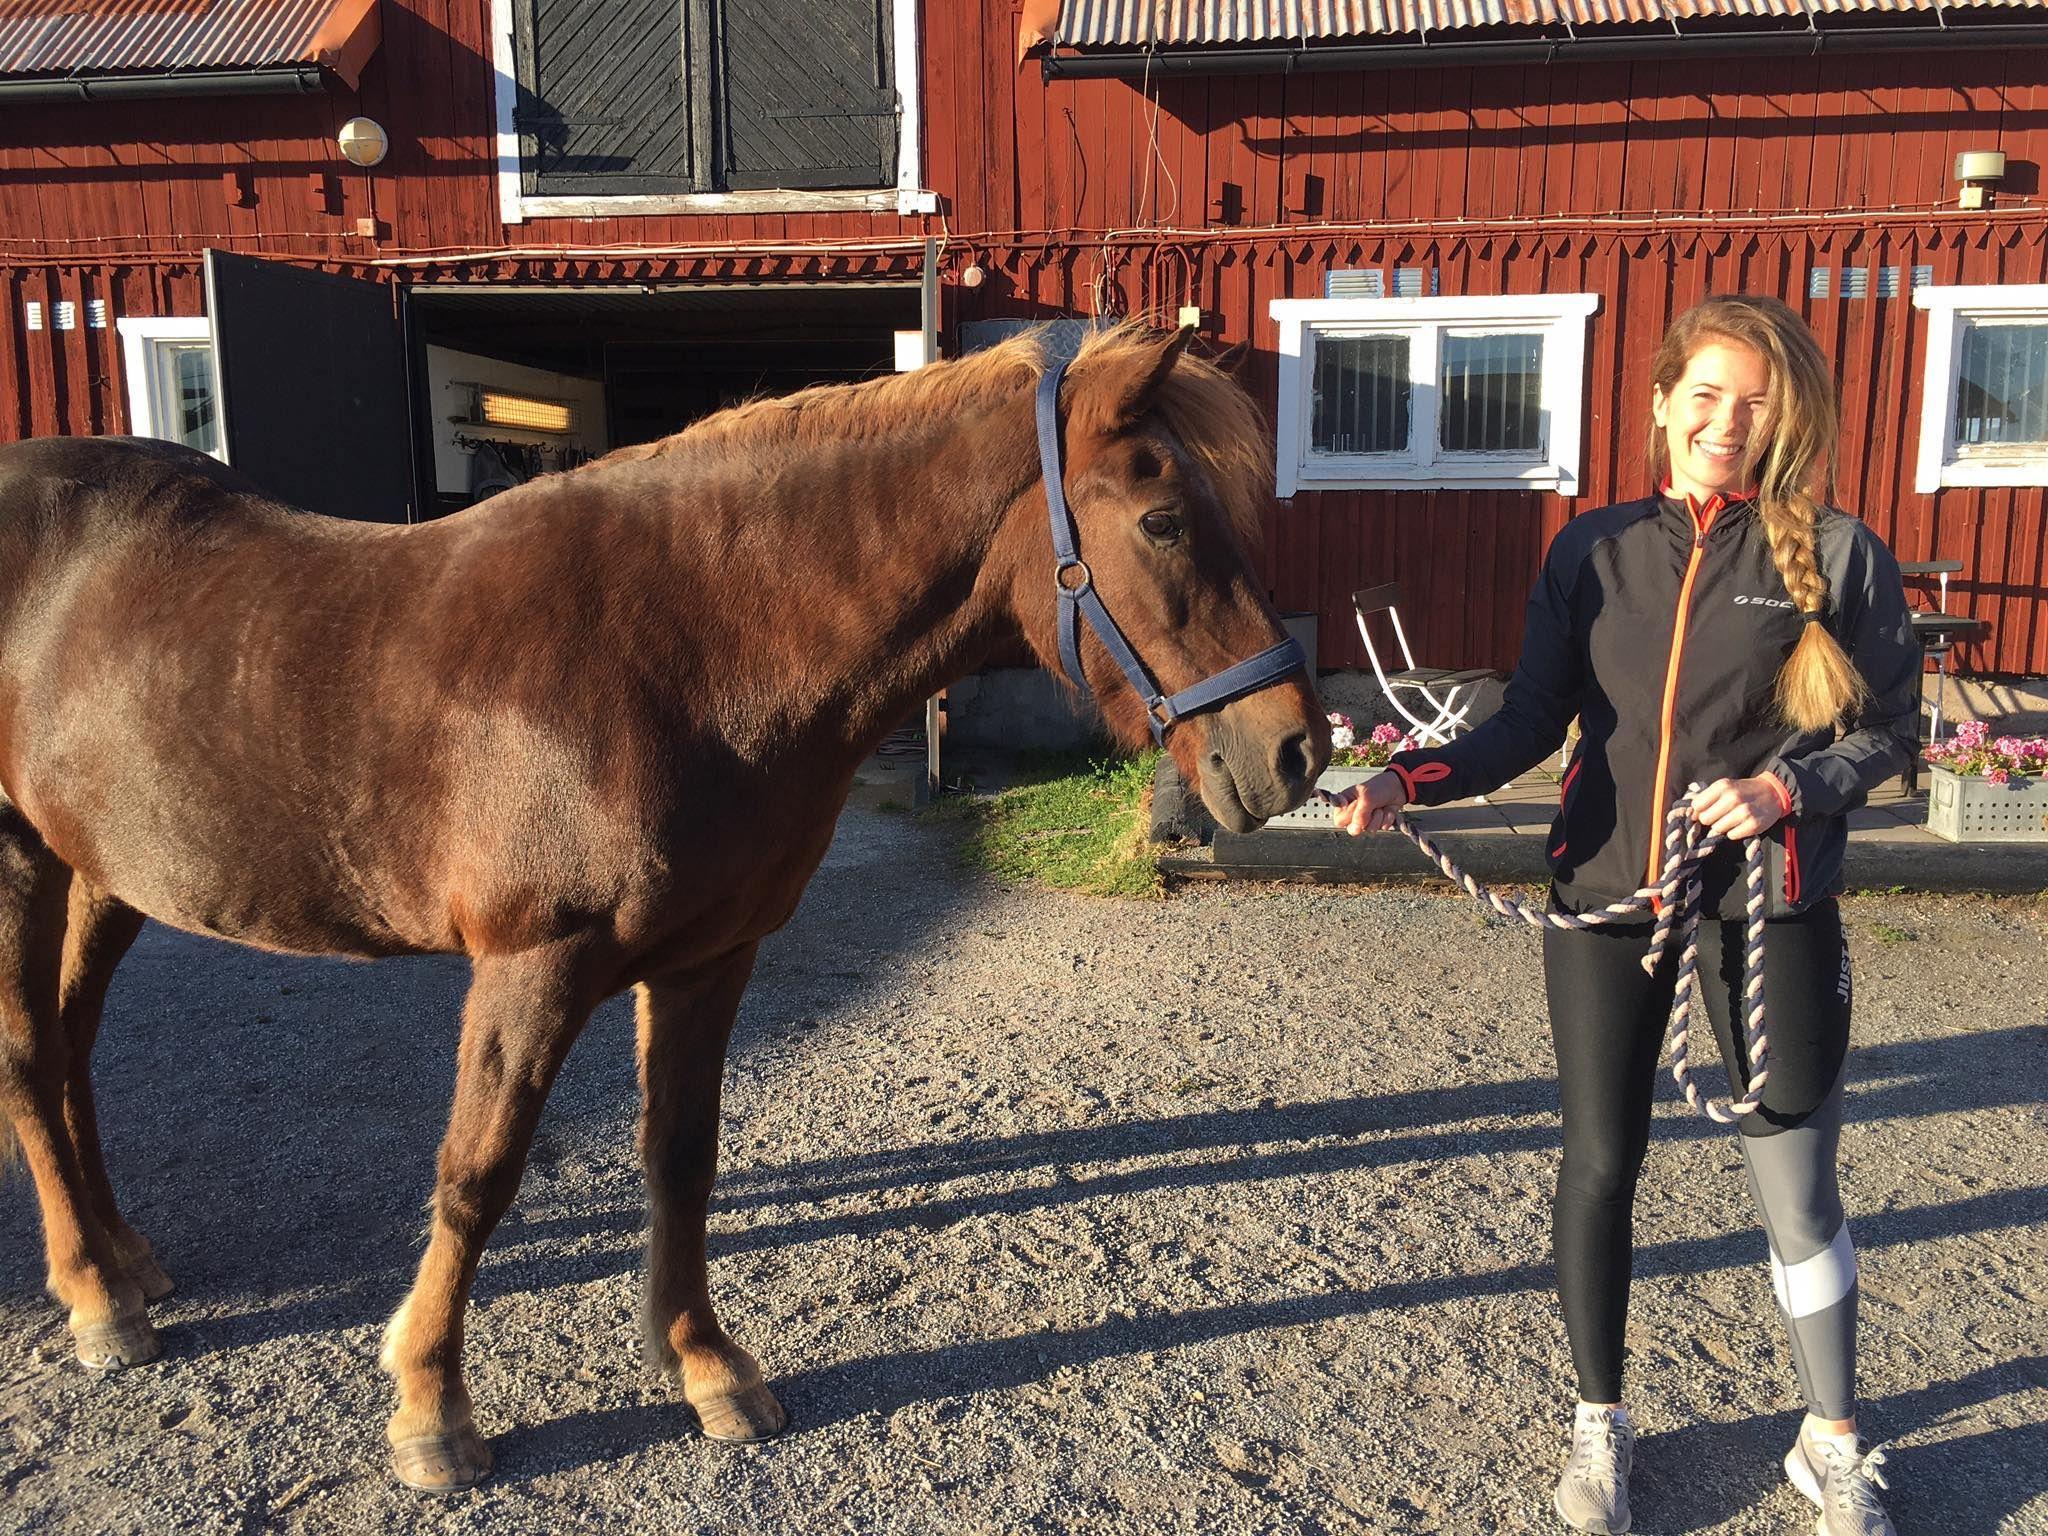 Nybörjare som vill lära sig mer om hästar och ridning Sökes